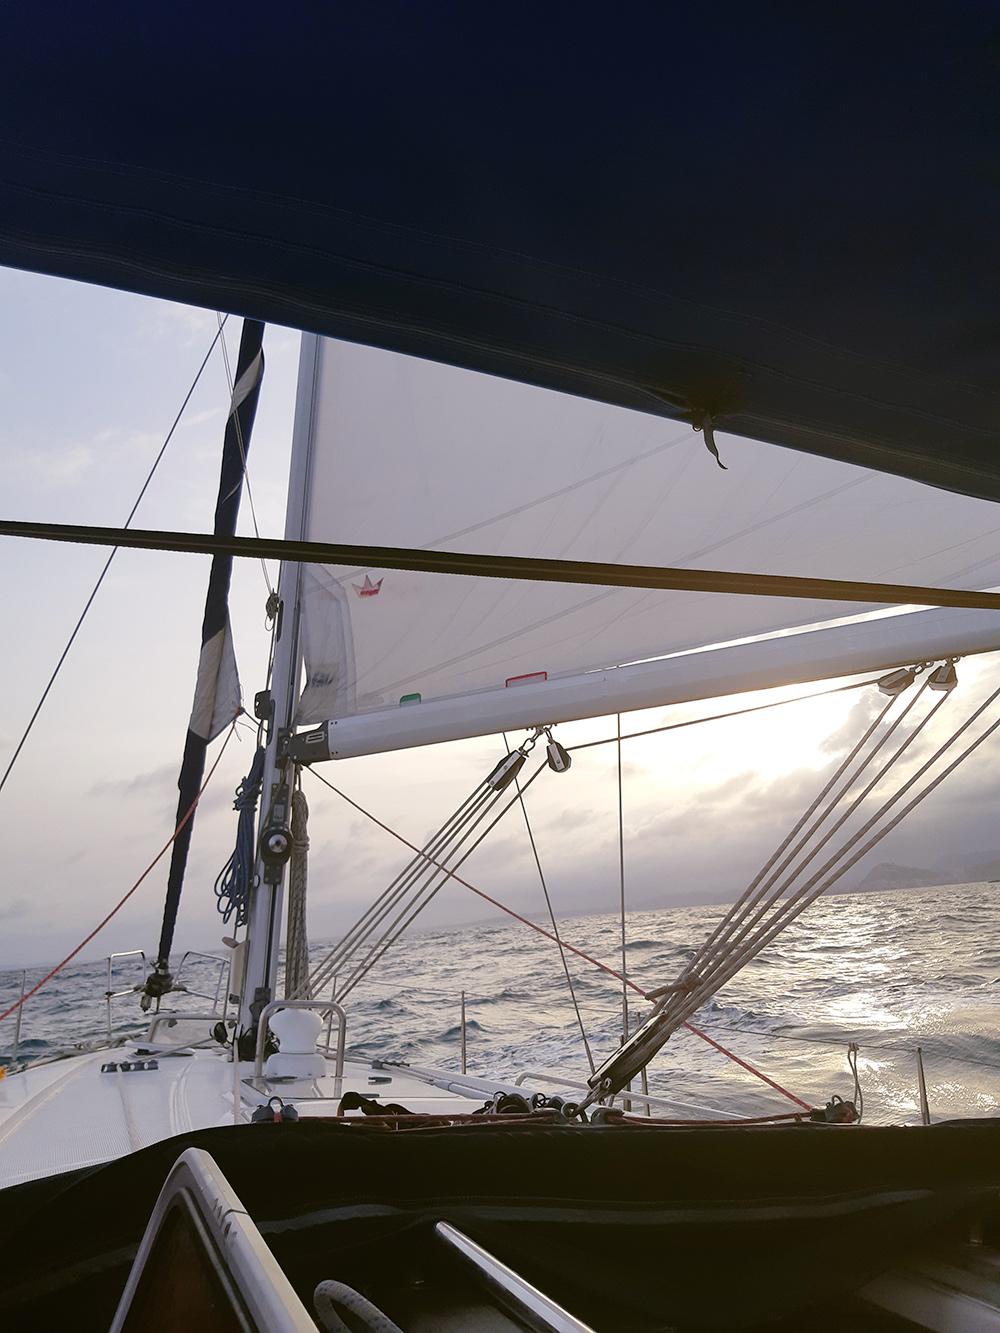 Фото с борта часто получаются такими — с участием различных снастей яхты